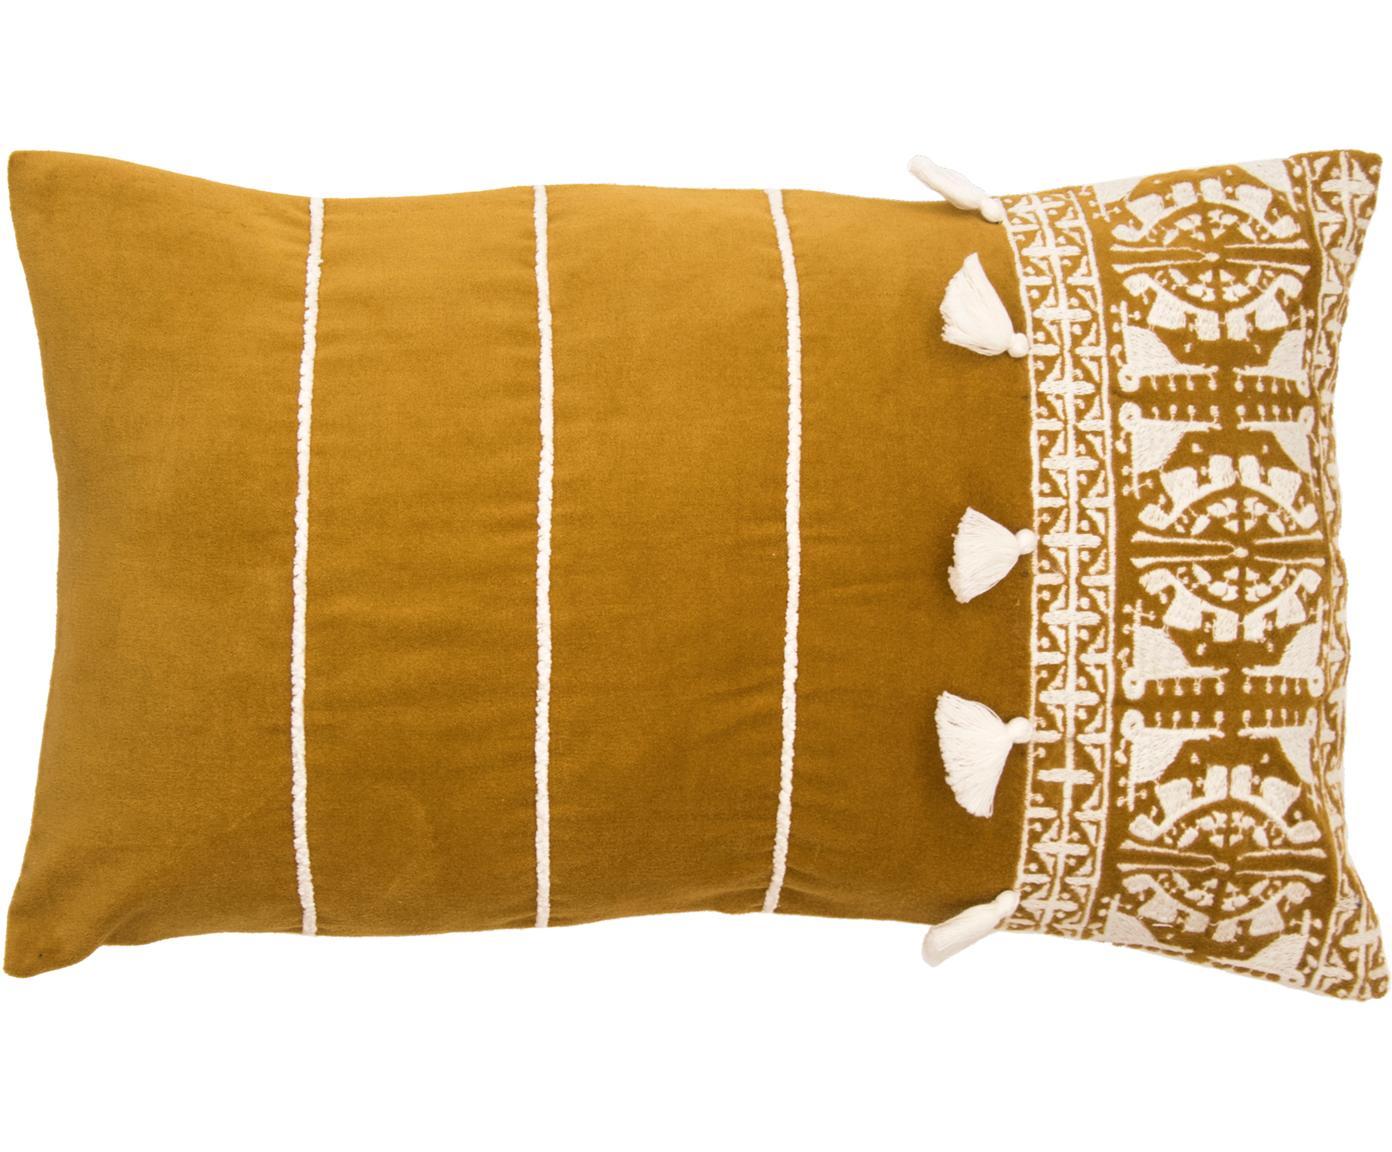 Federa arredo con ricamo e nappe Neo Berbère, 50% cotone, 50% poliestere, Giallo, bianco, Larg. 30 x Alt. 50 cm